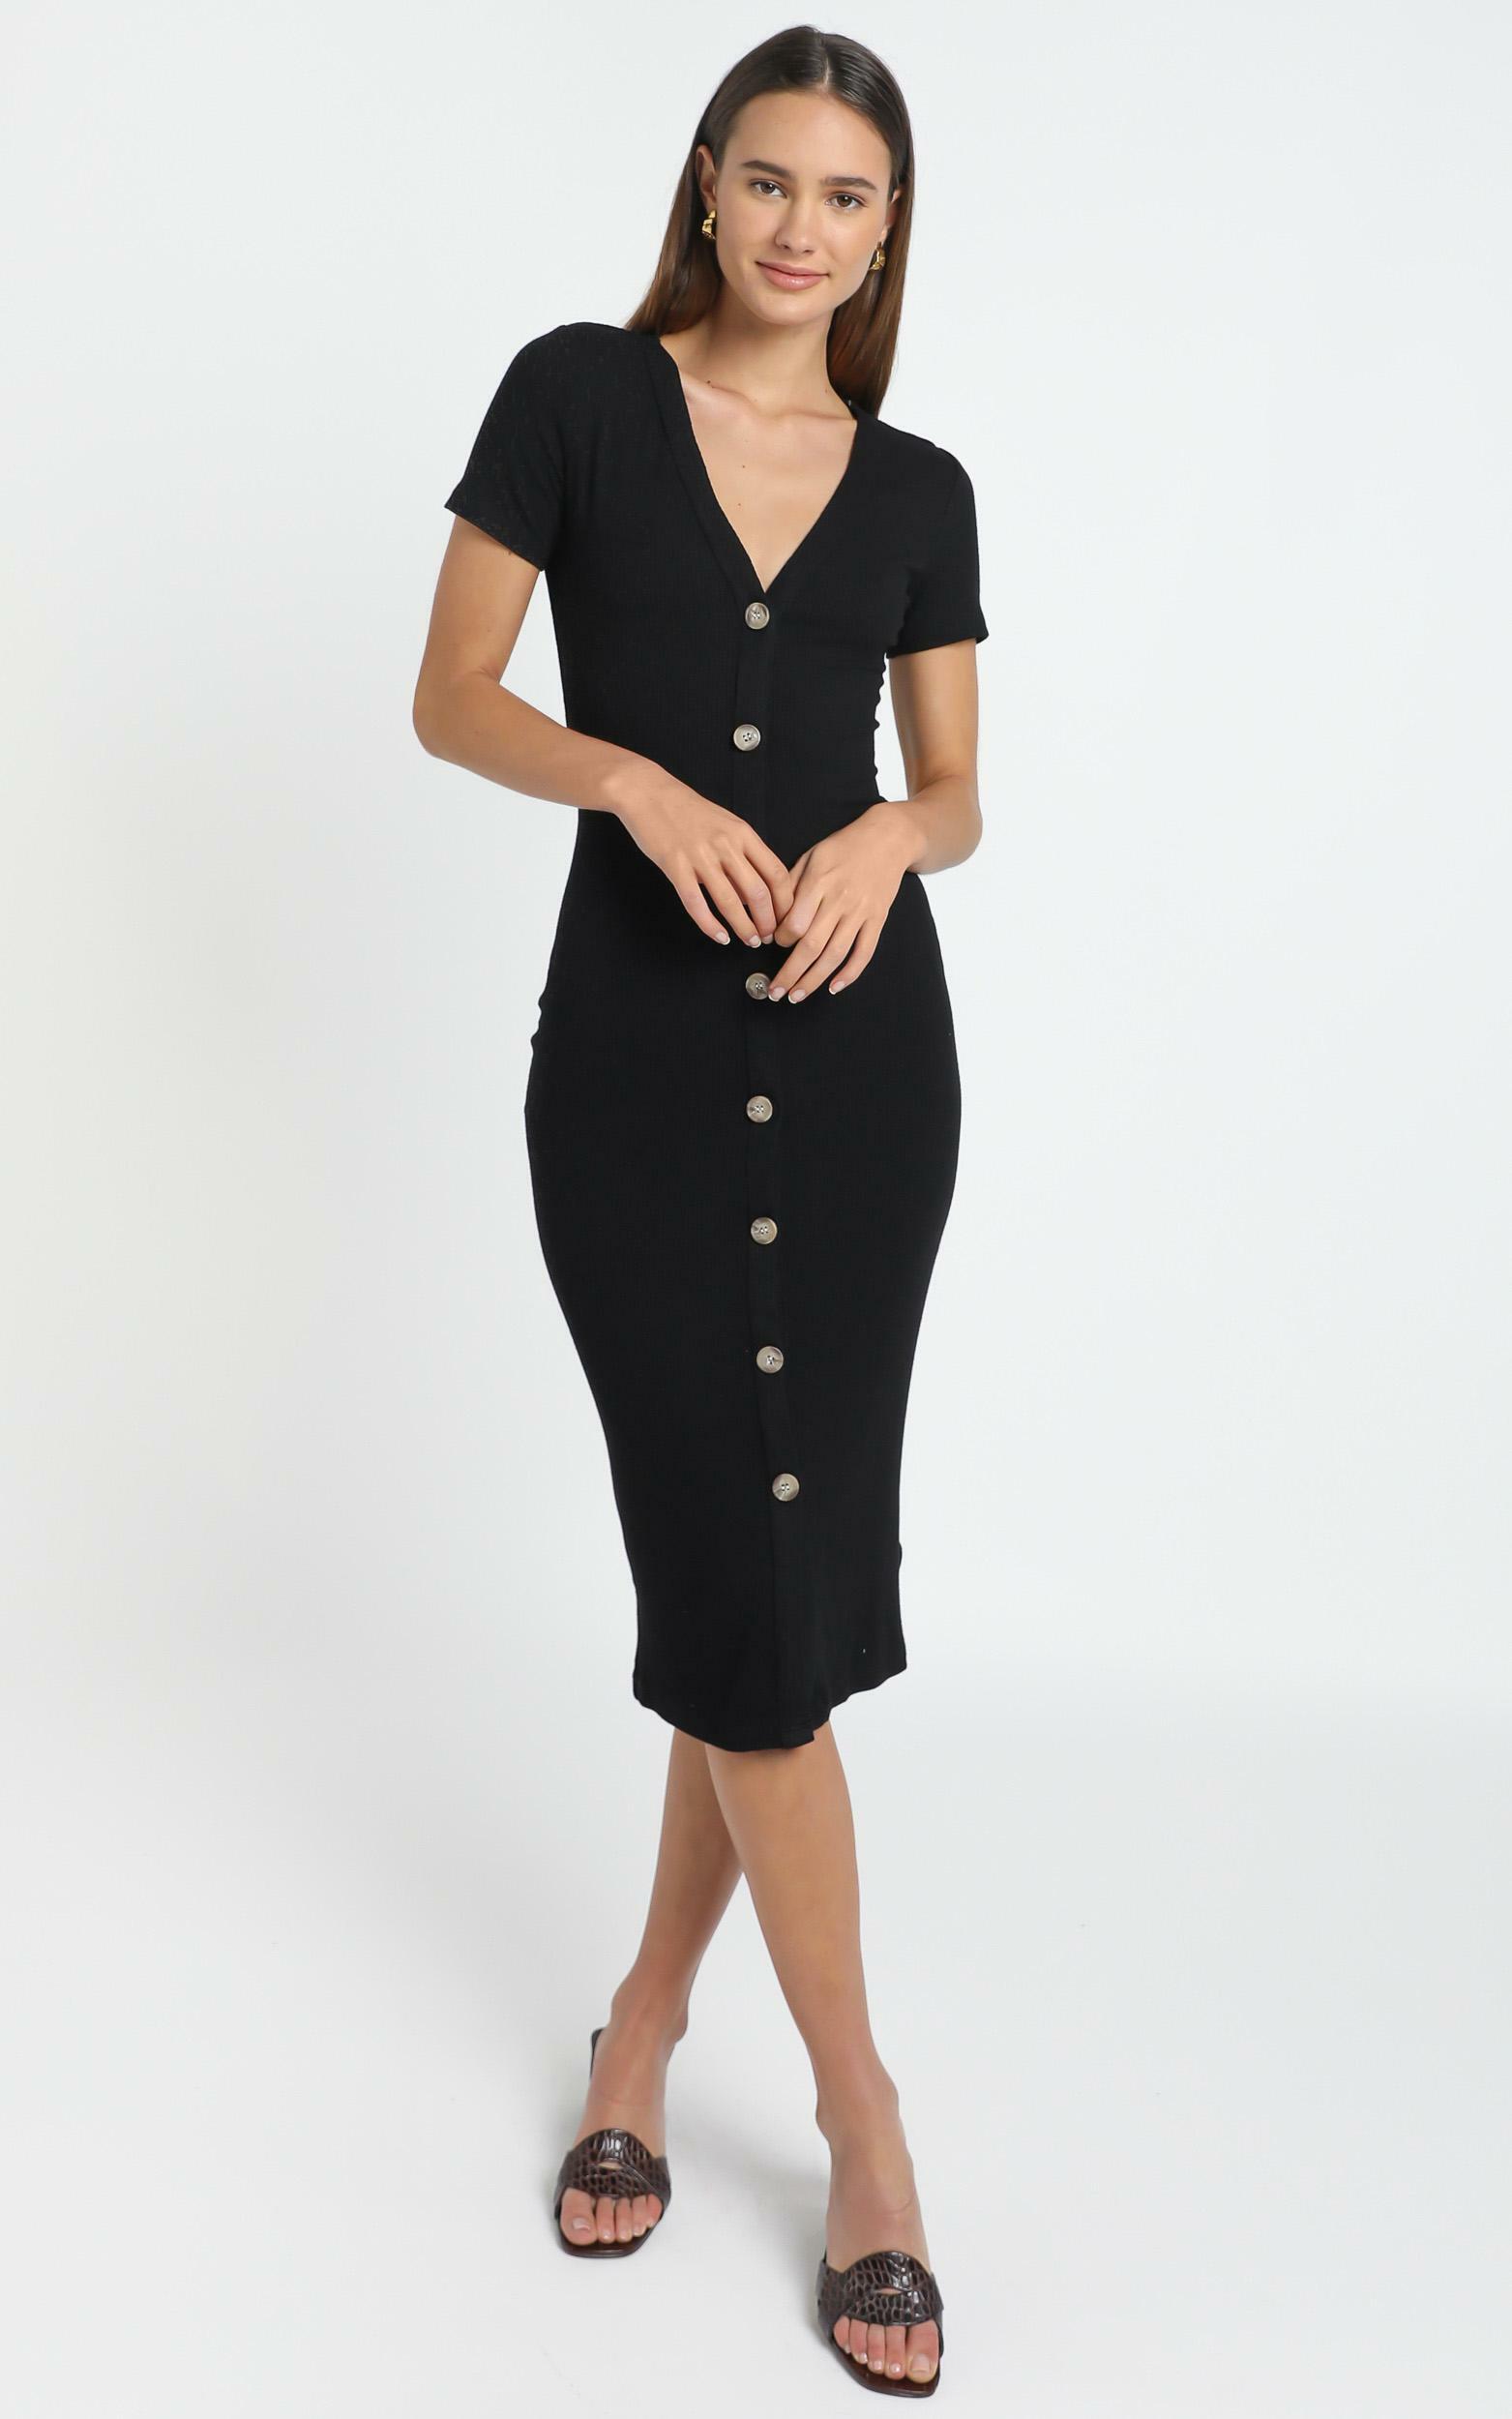 Derora Dress in Black - 12 (L), Black, hi-res image number null